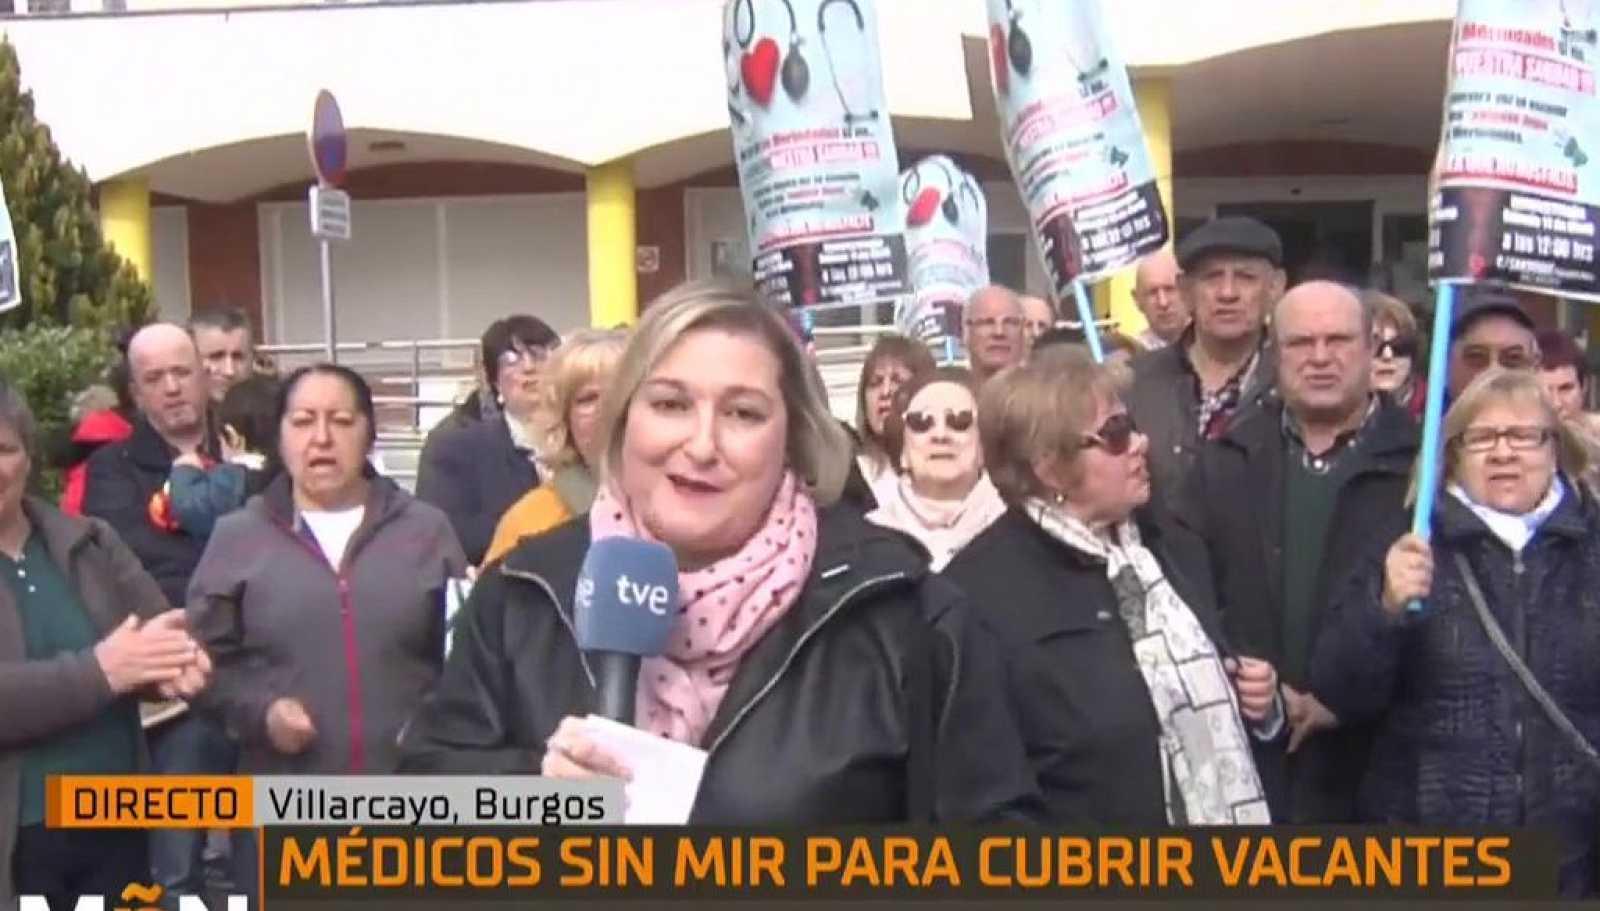 La Mañana - Los vecinos de Villarcayo protestan por las escasas atenciones sanitarias